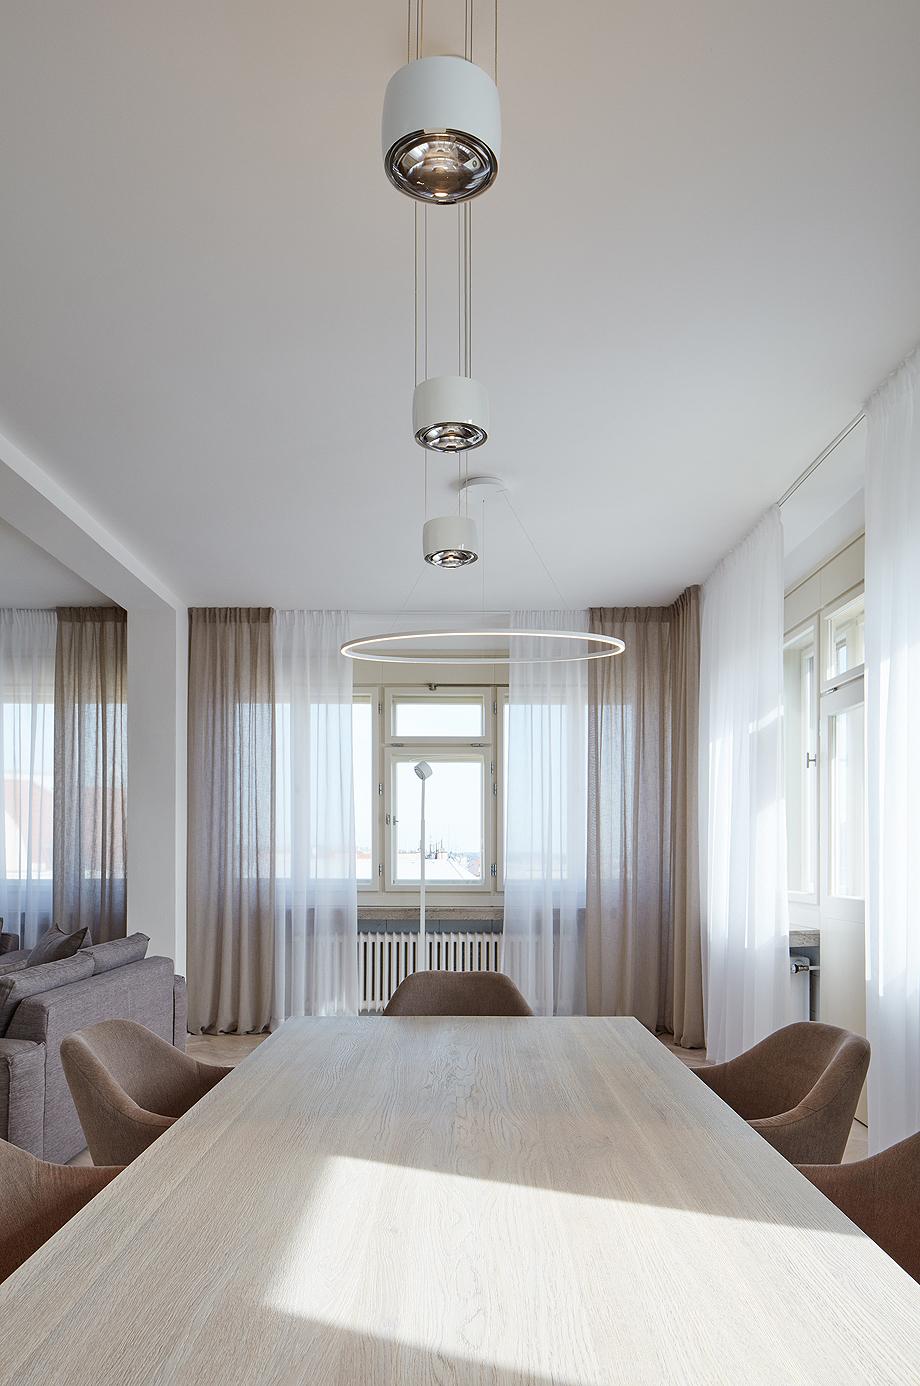 apartamento hamrova letna apartment objectum (7)